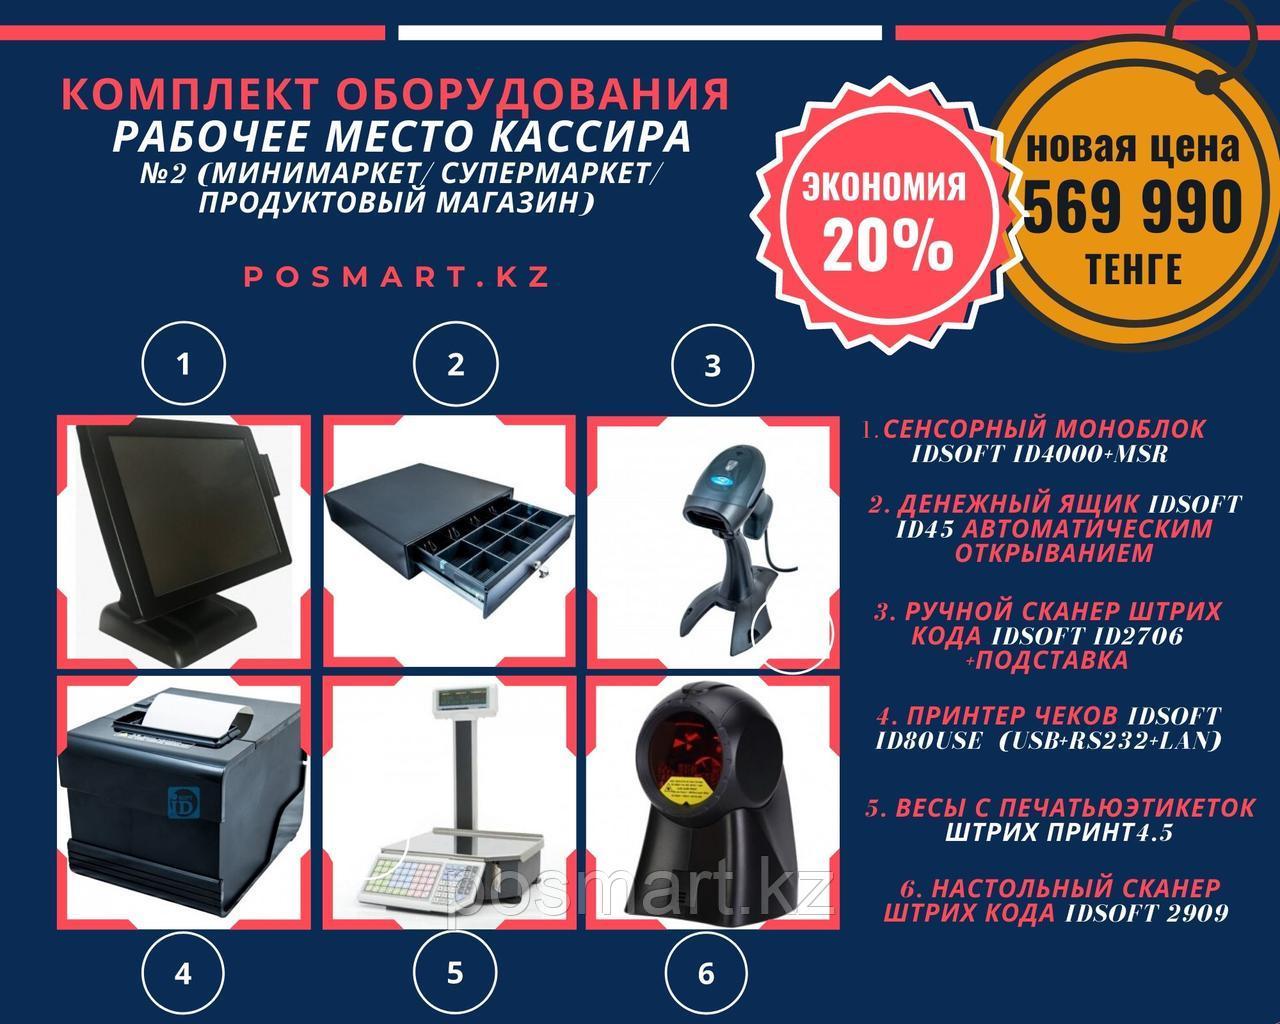 """Комплект оборудования """"Рабочее место кассира №2"""" (минимаркет/продуктовый магазин)"""